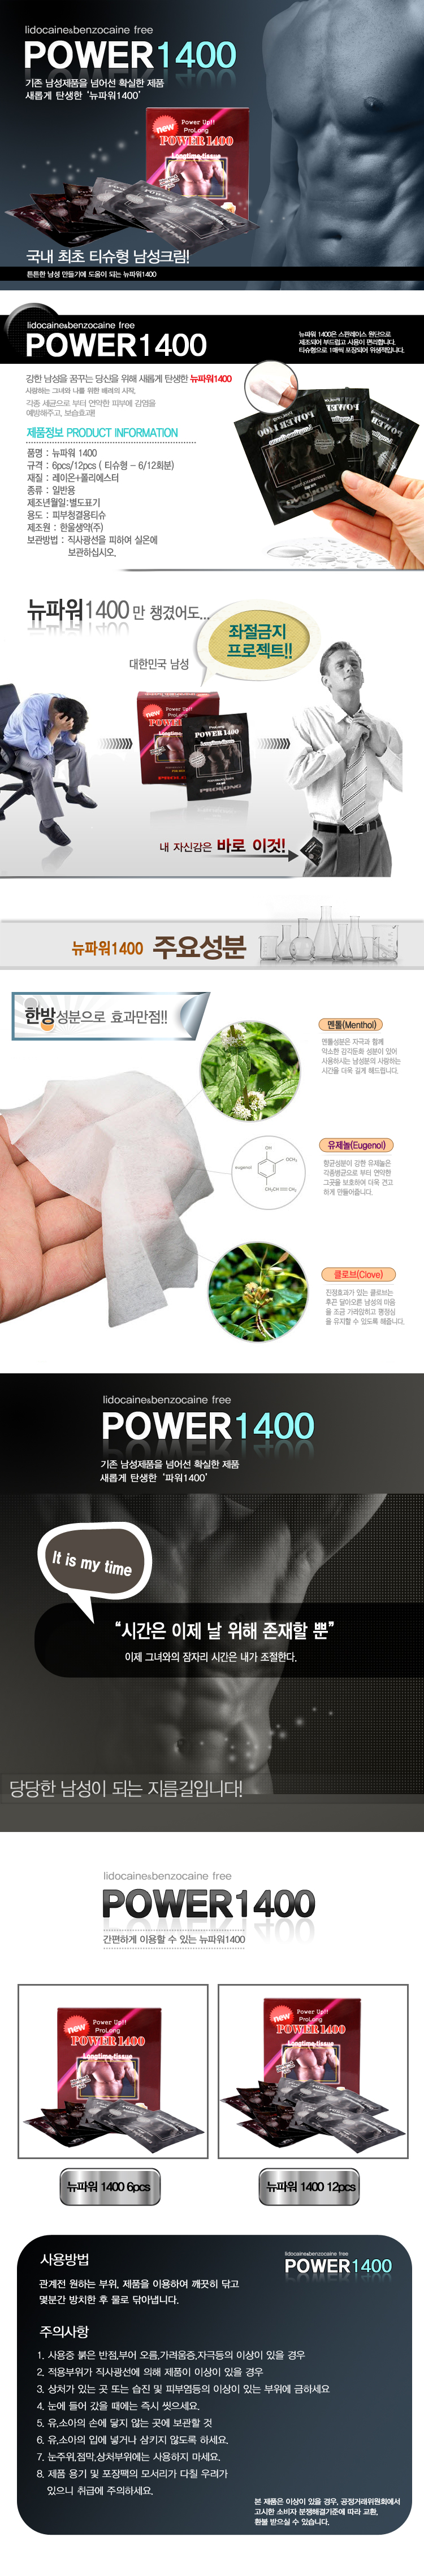 남자 POWER 1400